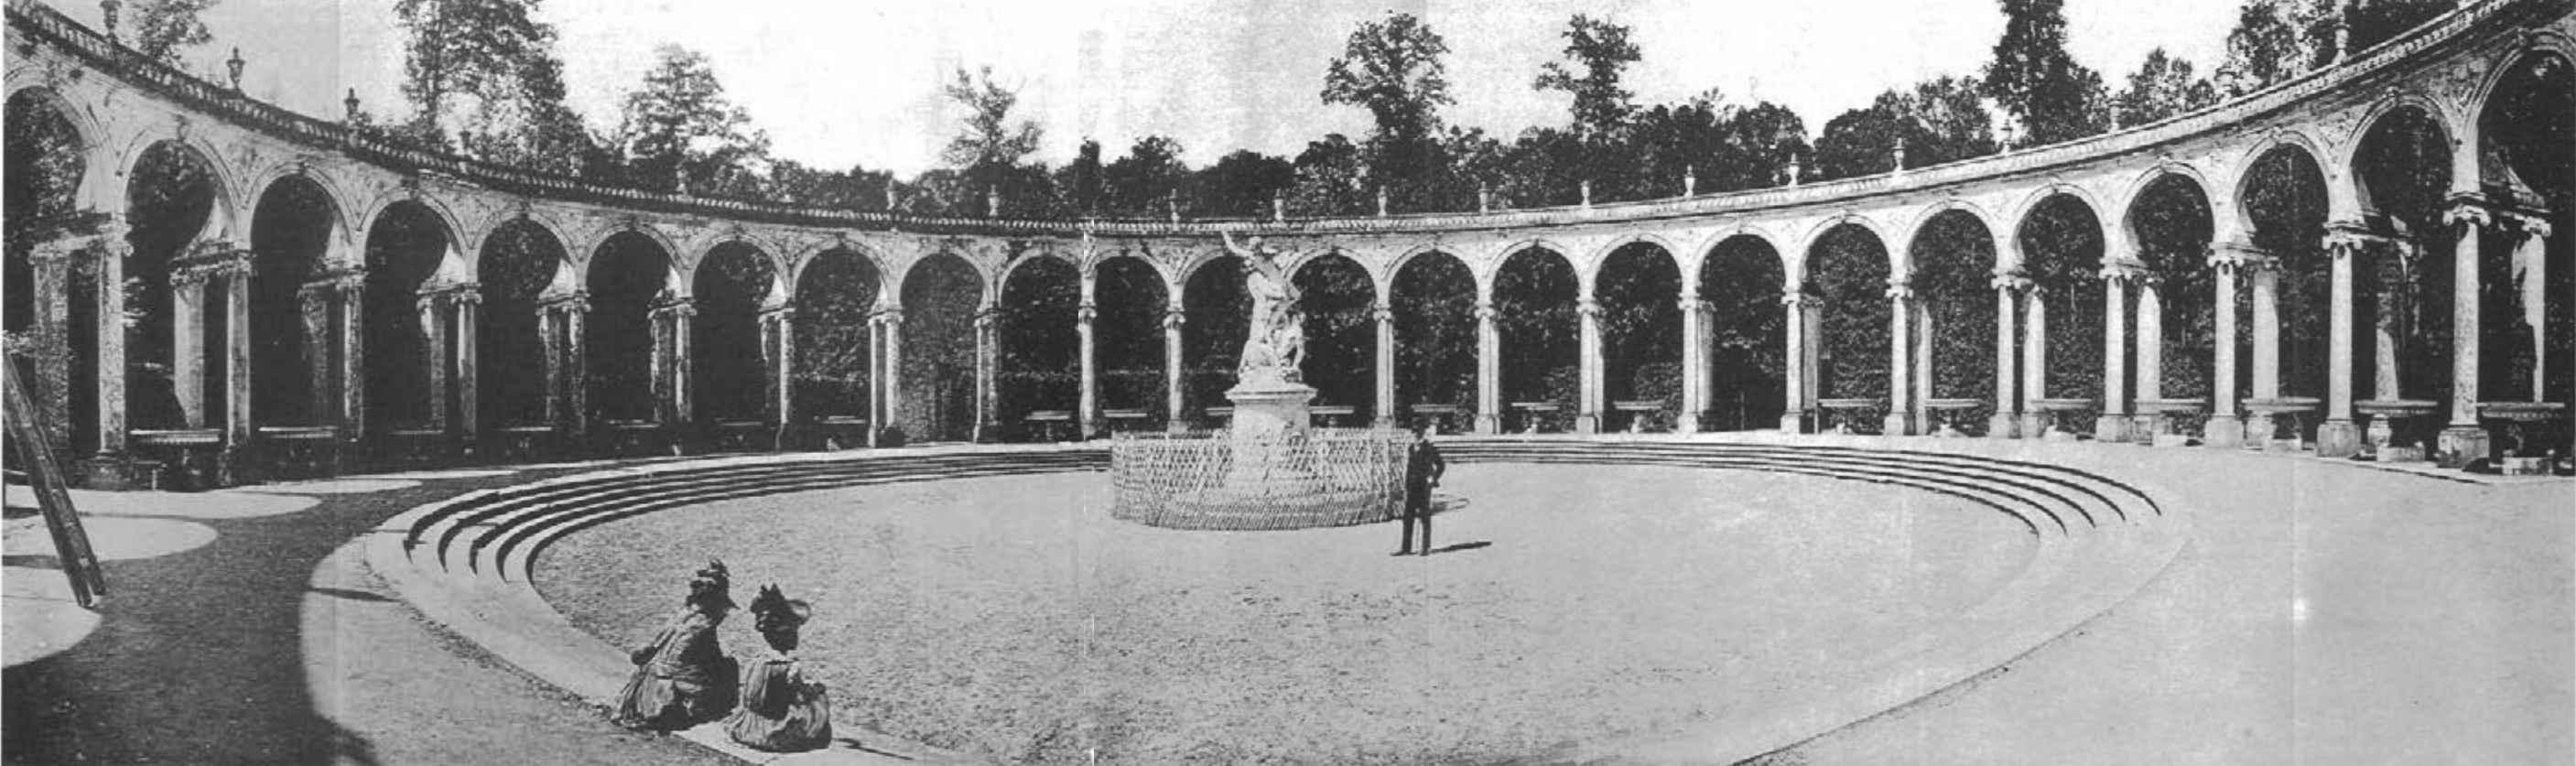 París. 1888. Fotografía de 140º tomada por Moëssard con su cilindrógrafo